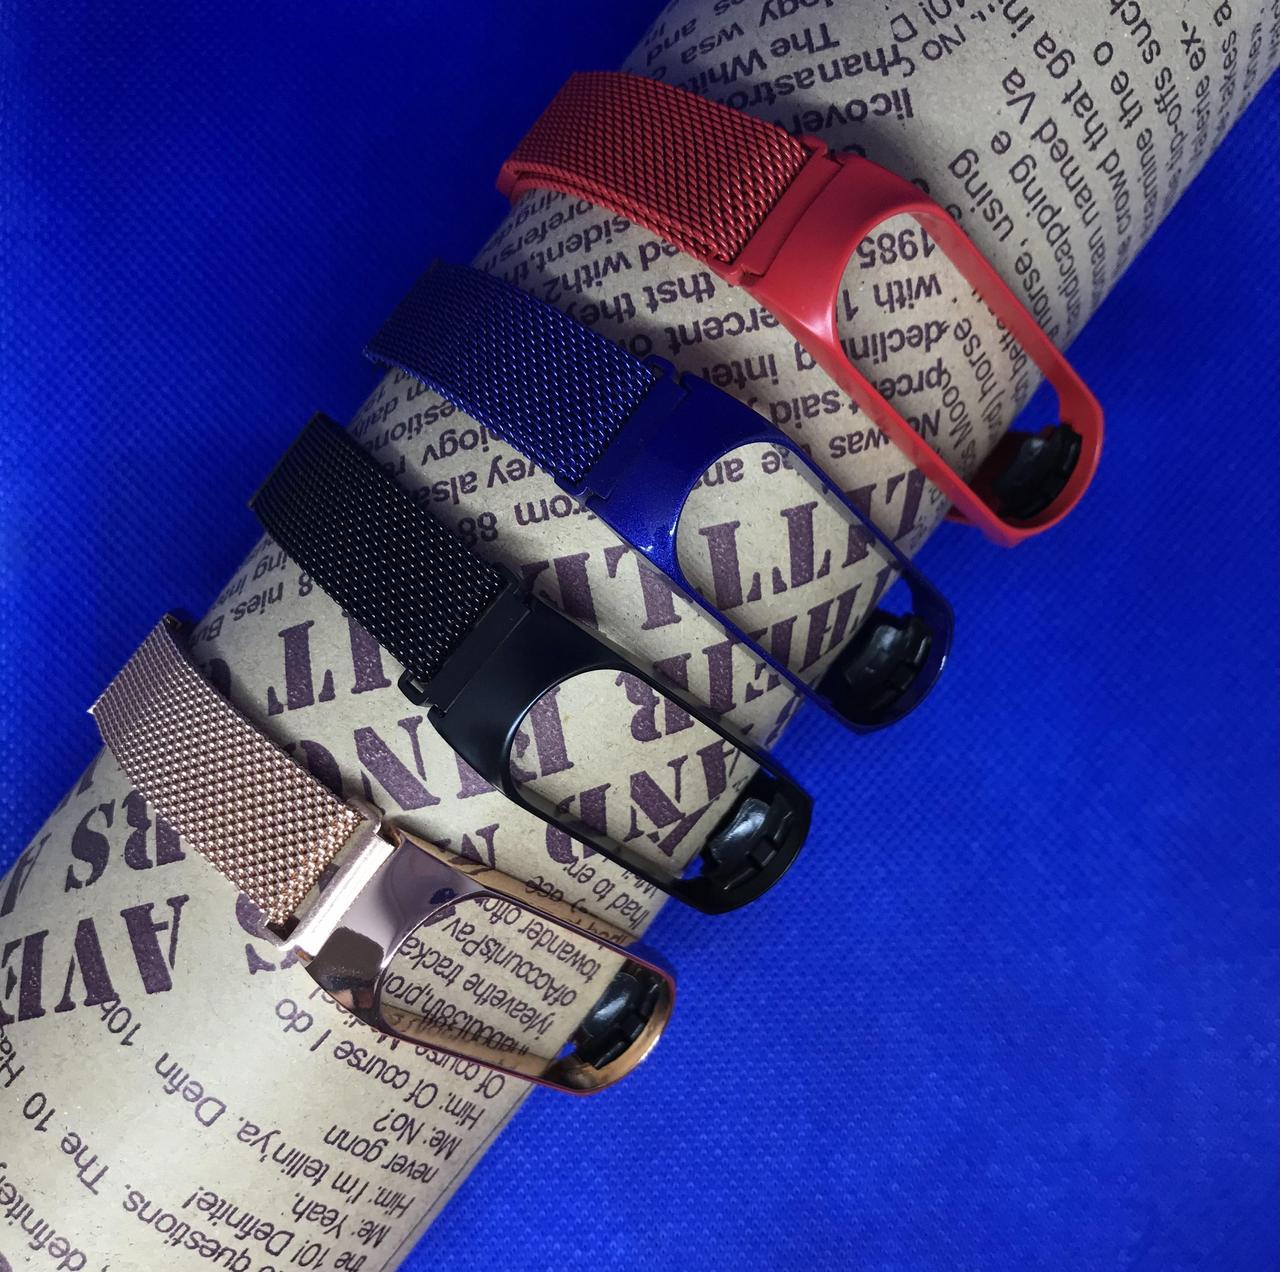 Магнитный ремешок для фитнес-браслета Xiaomi Mi Band 3. Плетение - Миланская петля (milanese loop).